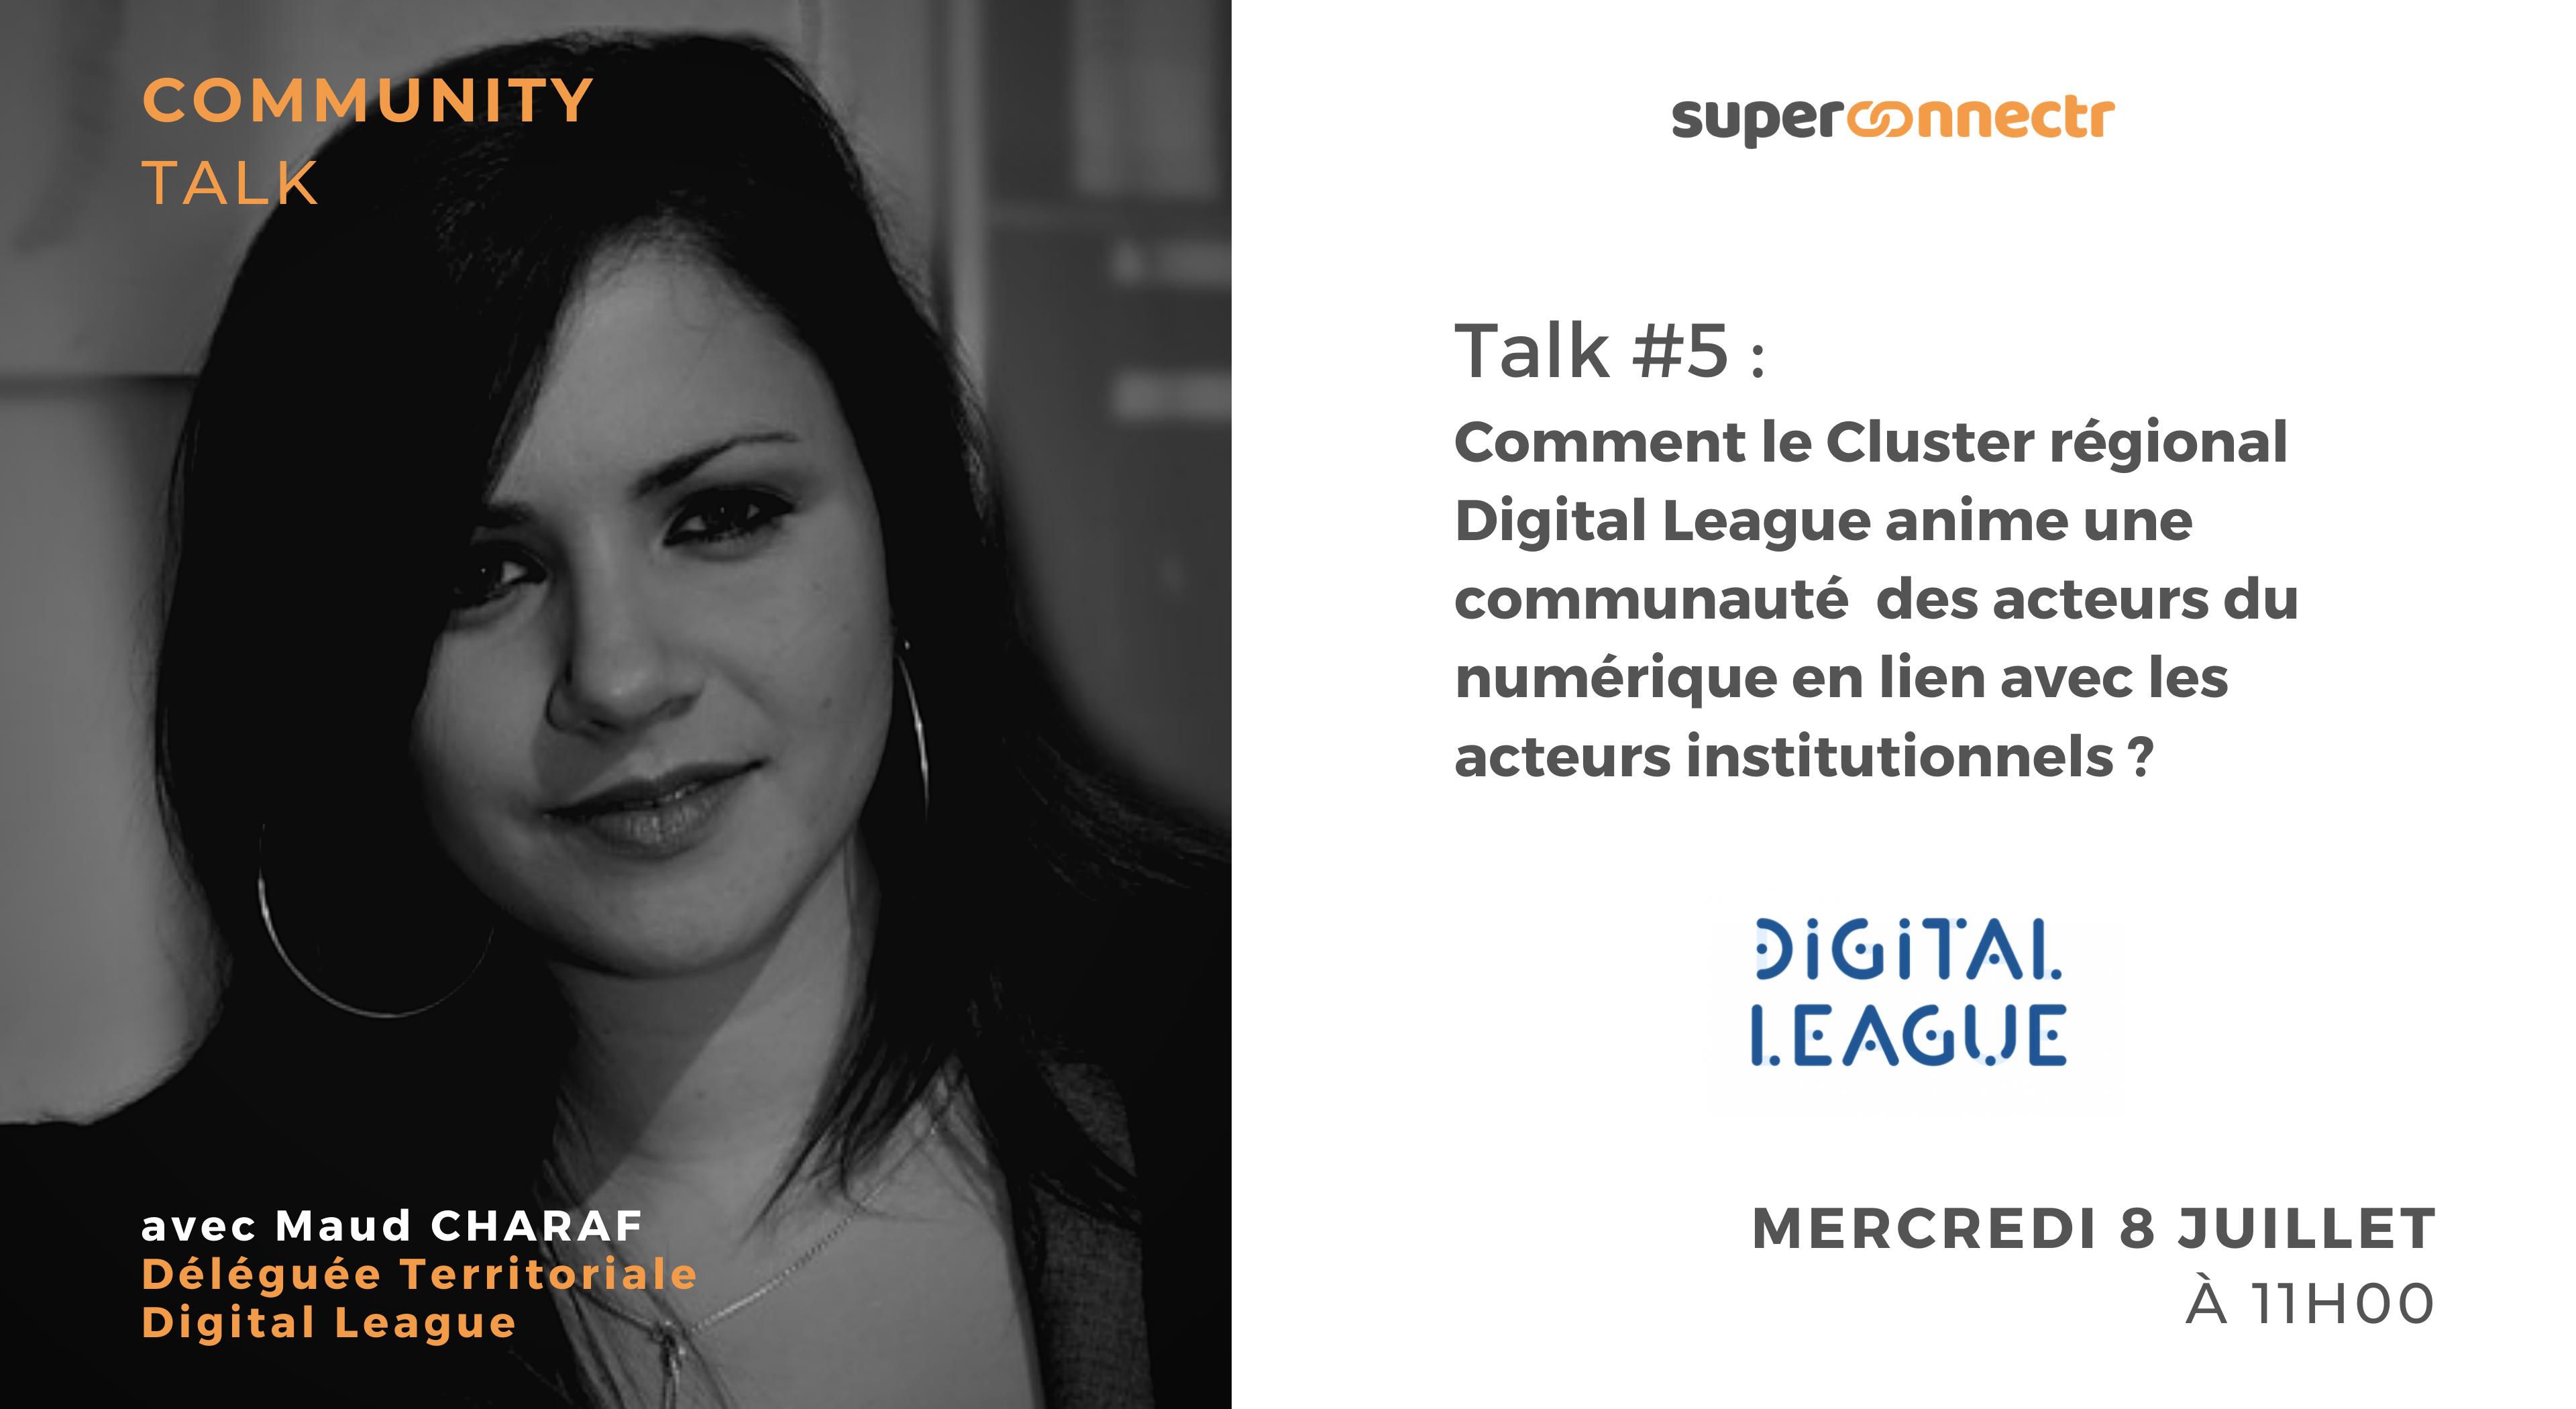 """Interview : """"Comment le Cluster régional Digital League anime une communauté des acteurs du numérique en lien avec les acteurs institutionnels ?"""""""